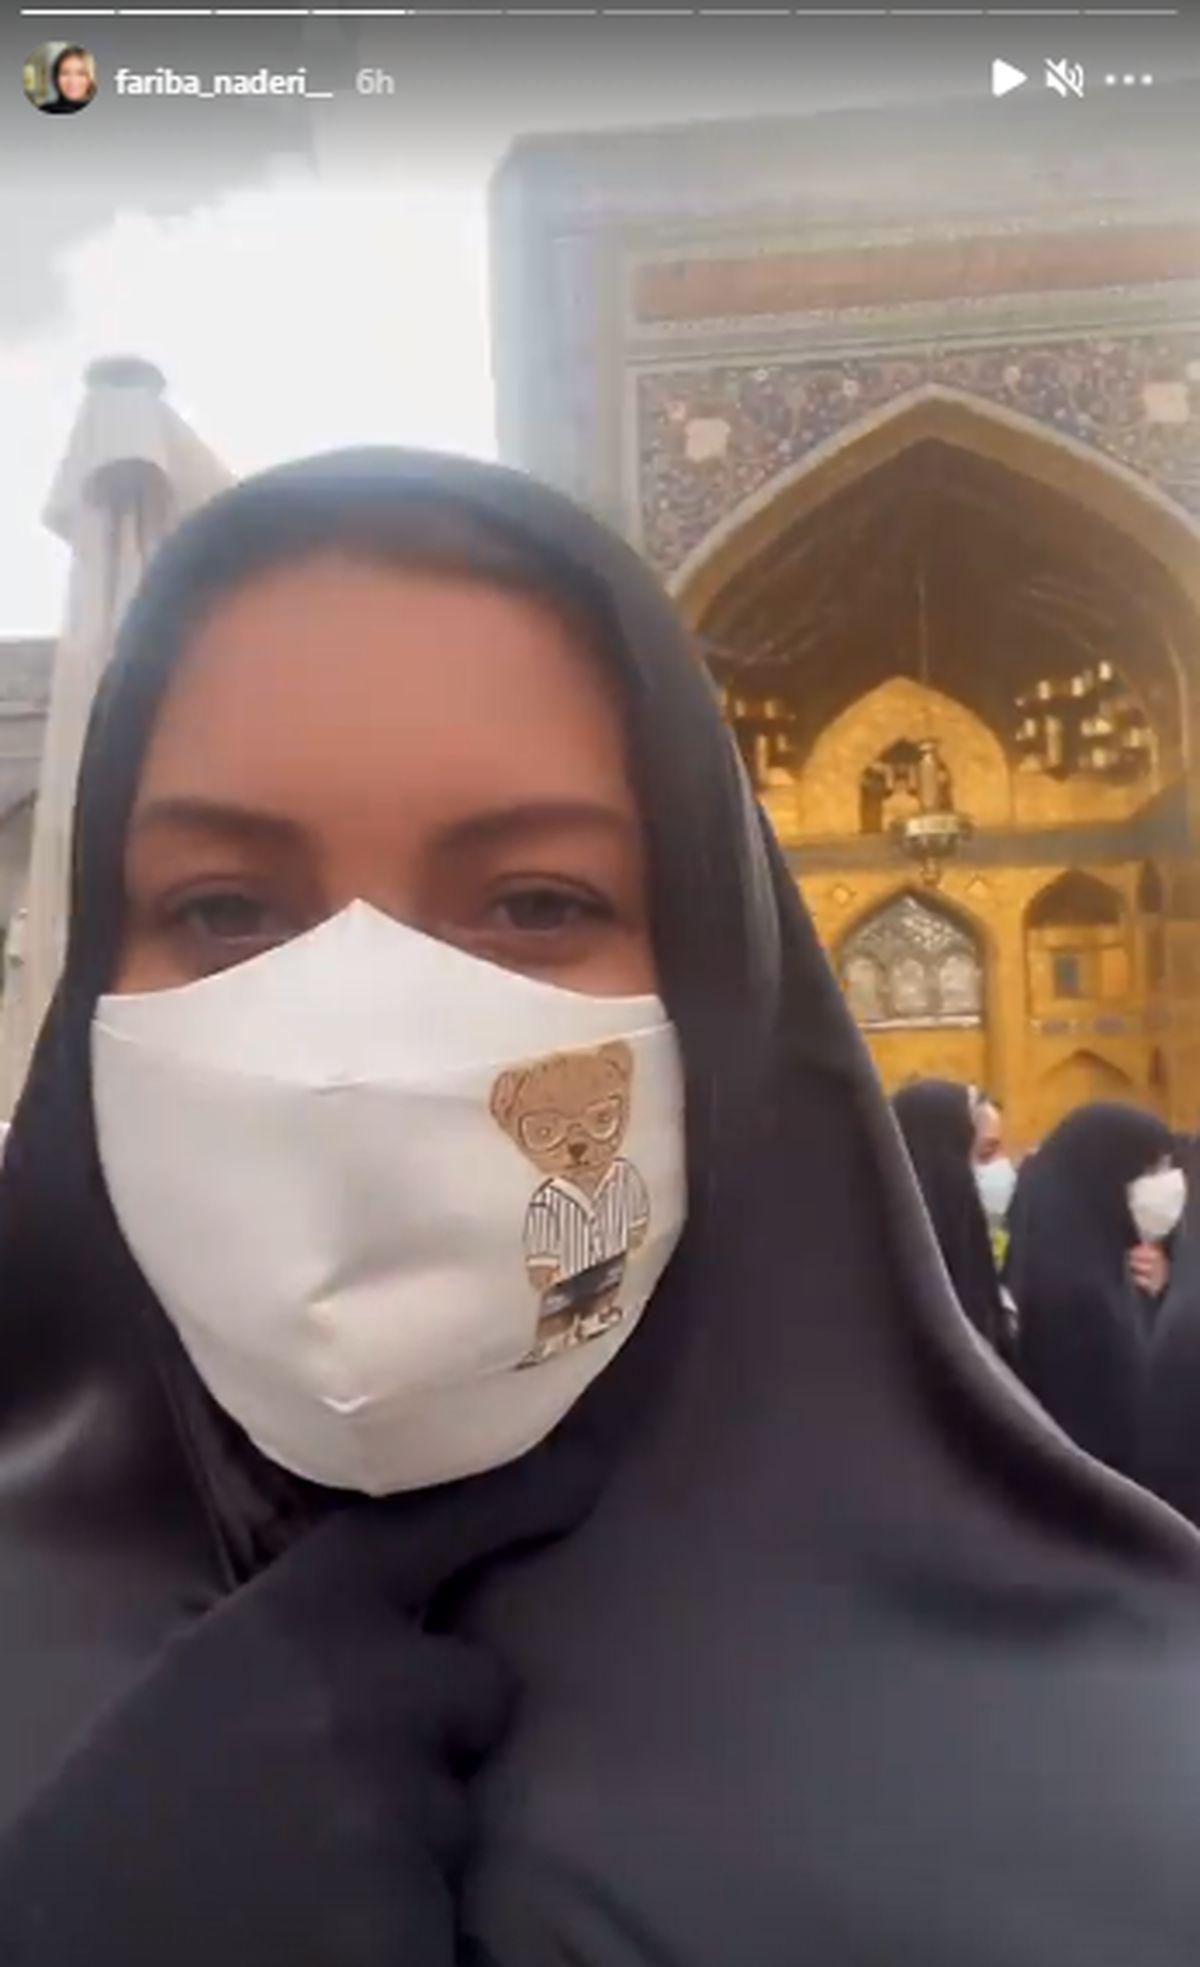 ماسک عجیب فریبا نادری در حرم امام رضا + عکس